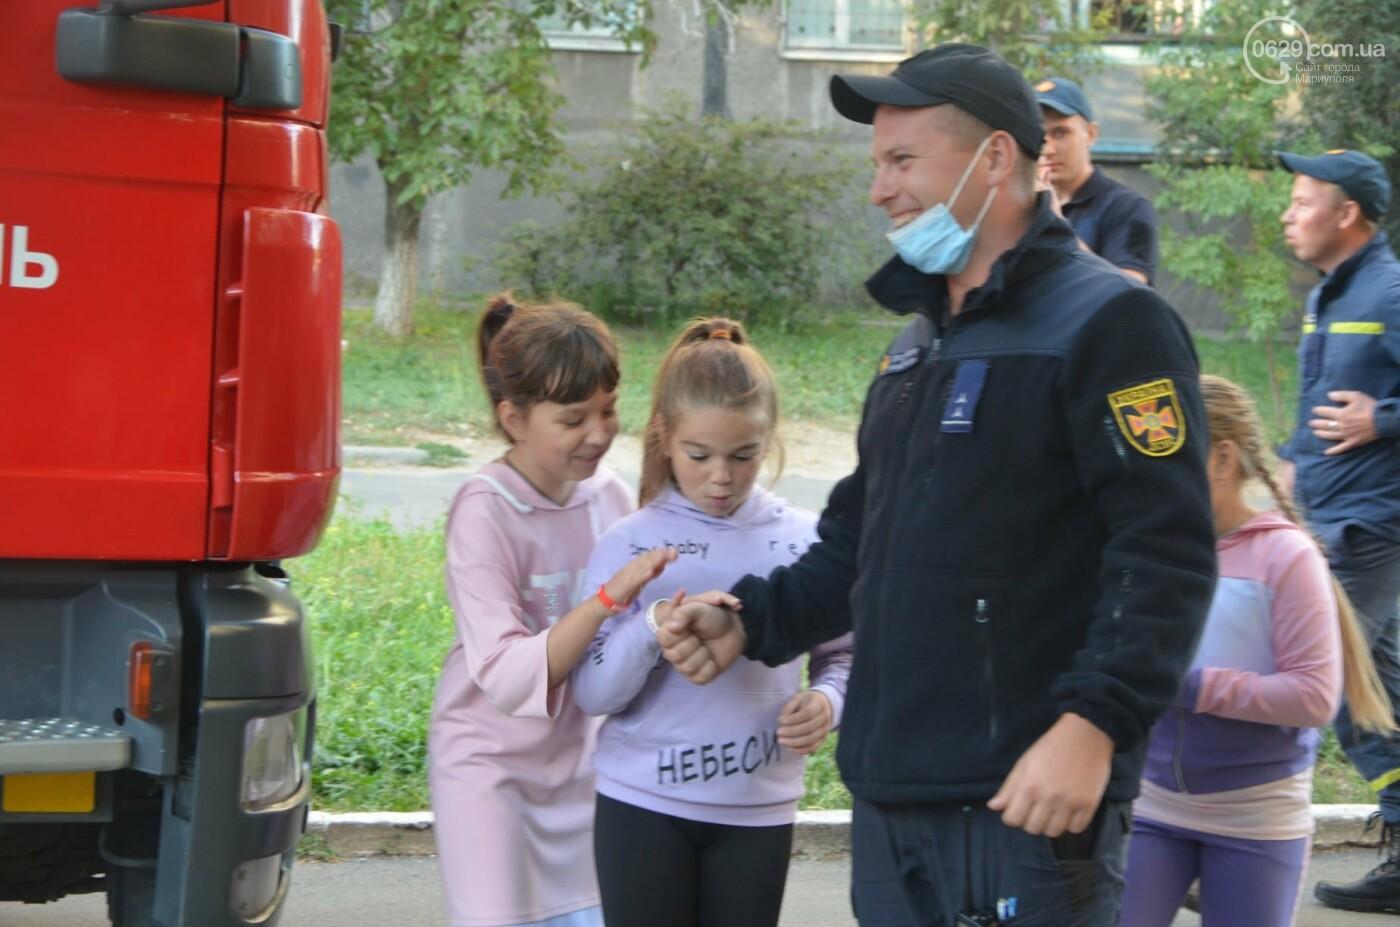 В Мариуполе отпраздновали День двора на пожарной машине, - ФОТО, фото-10